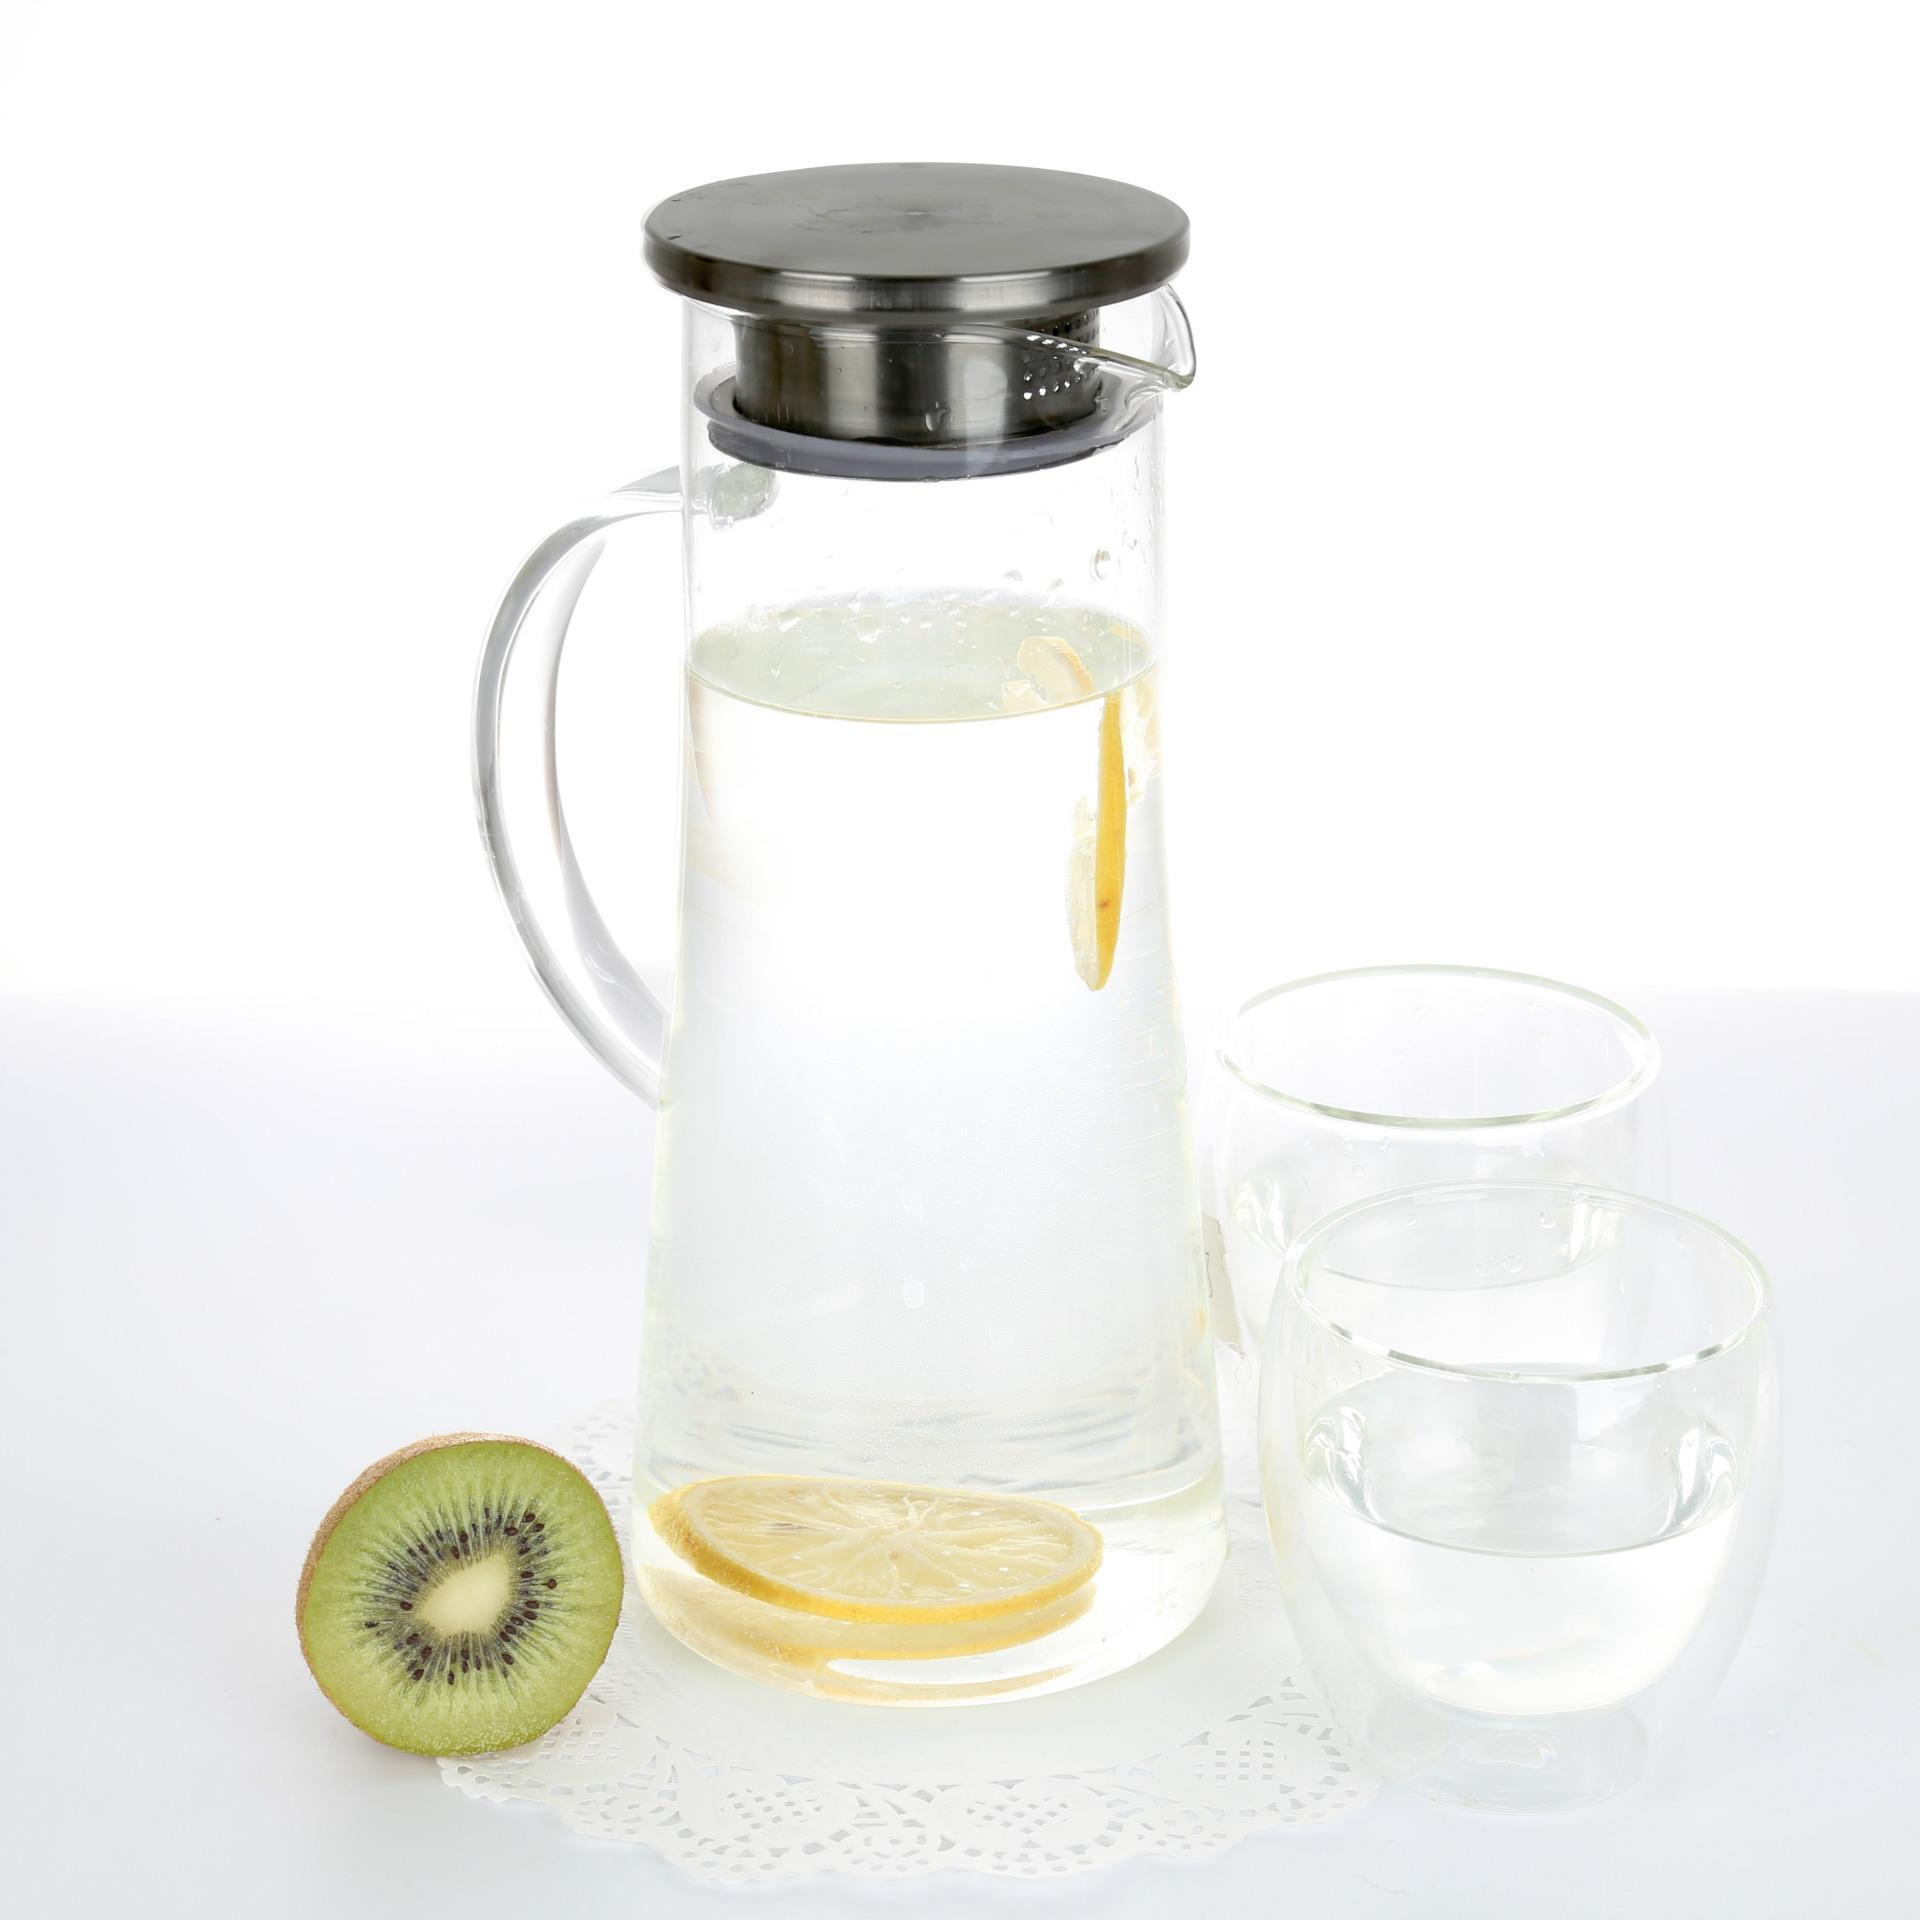 厂家定制 冷水壶玻璃茶壶耐高温过滤凉水壶